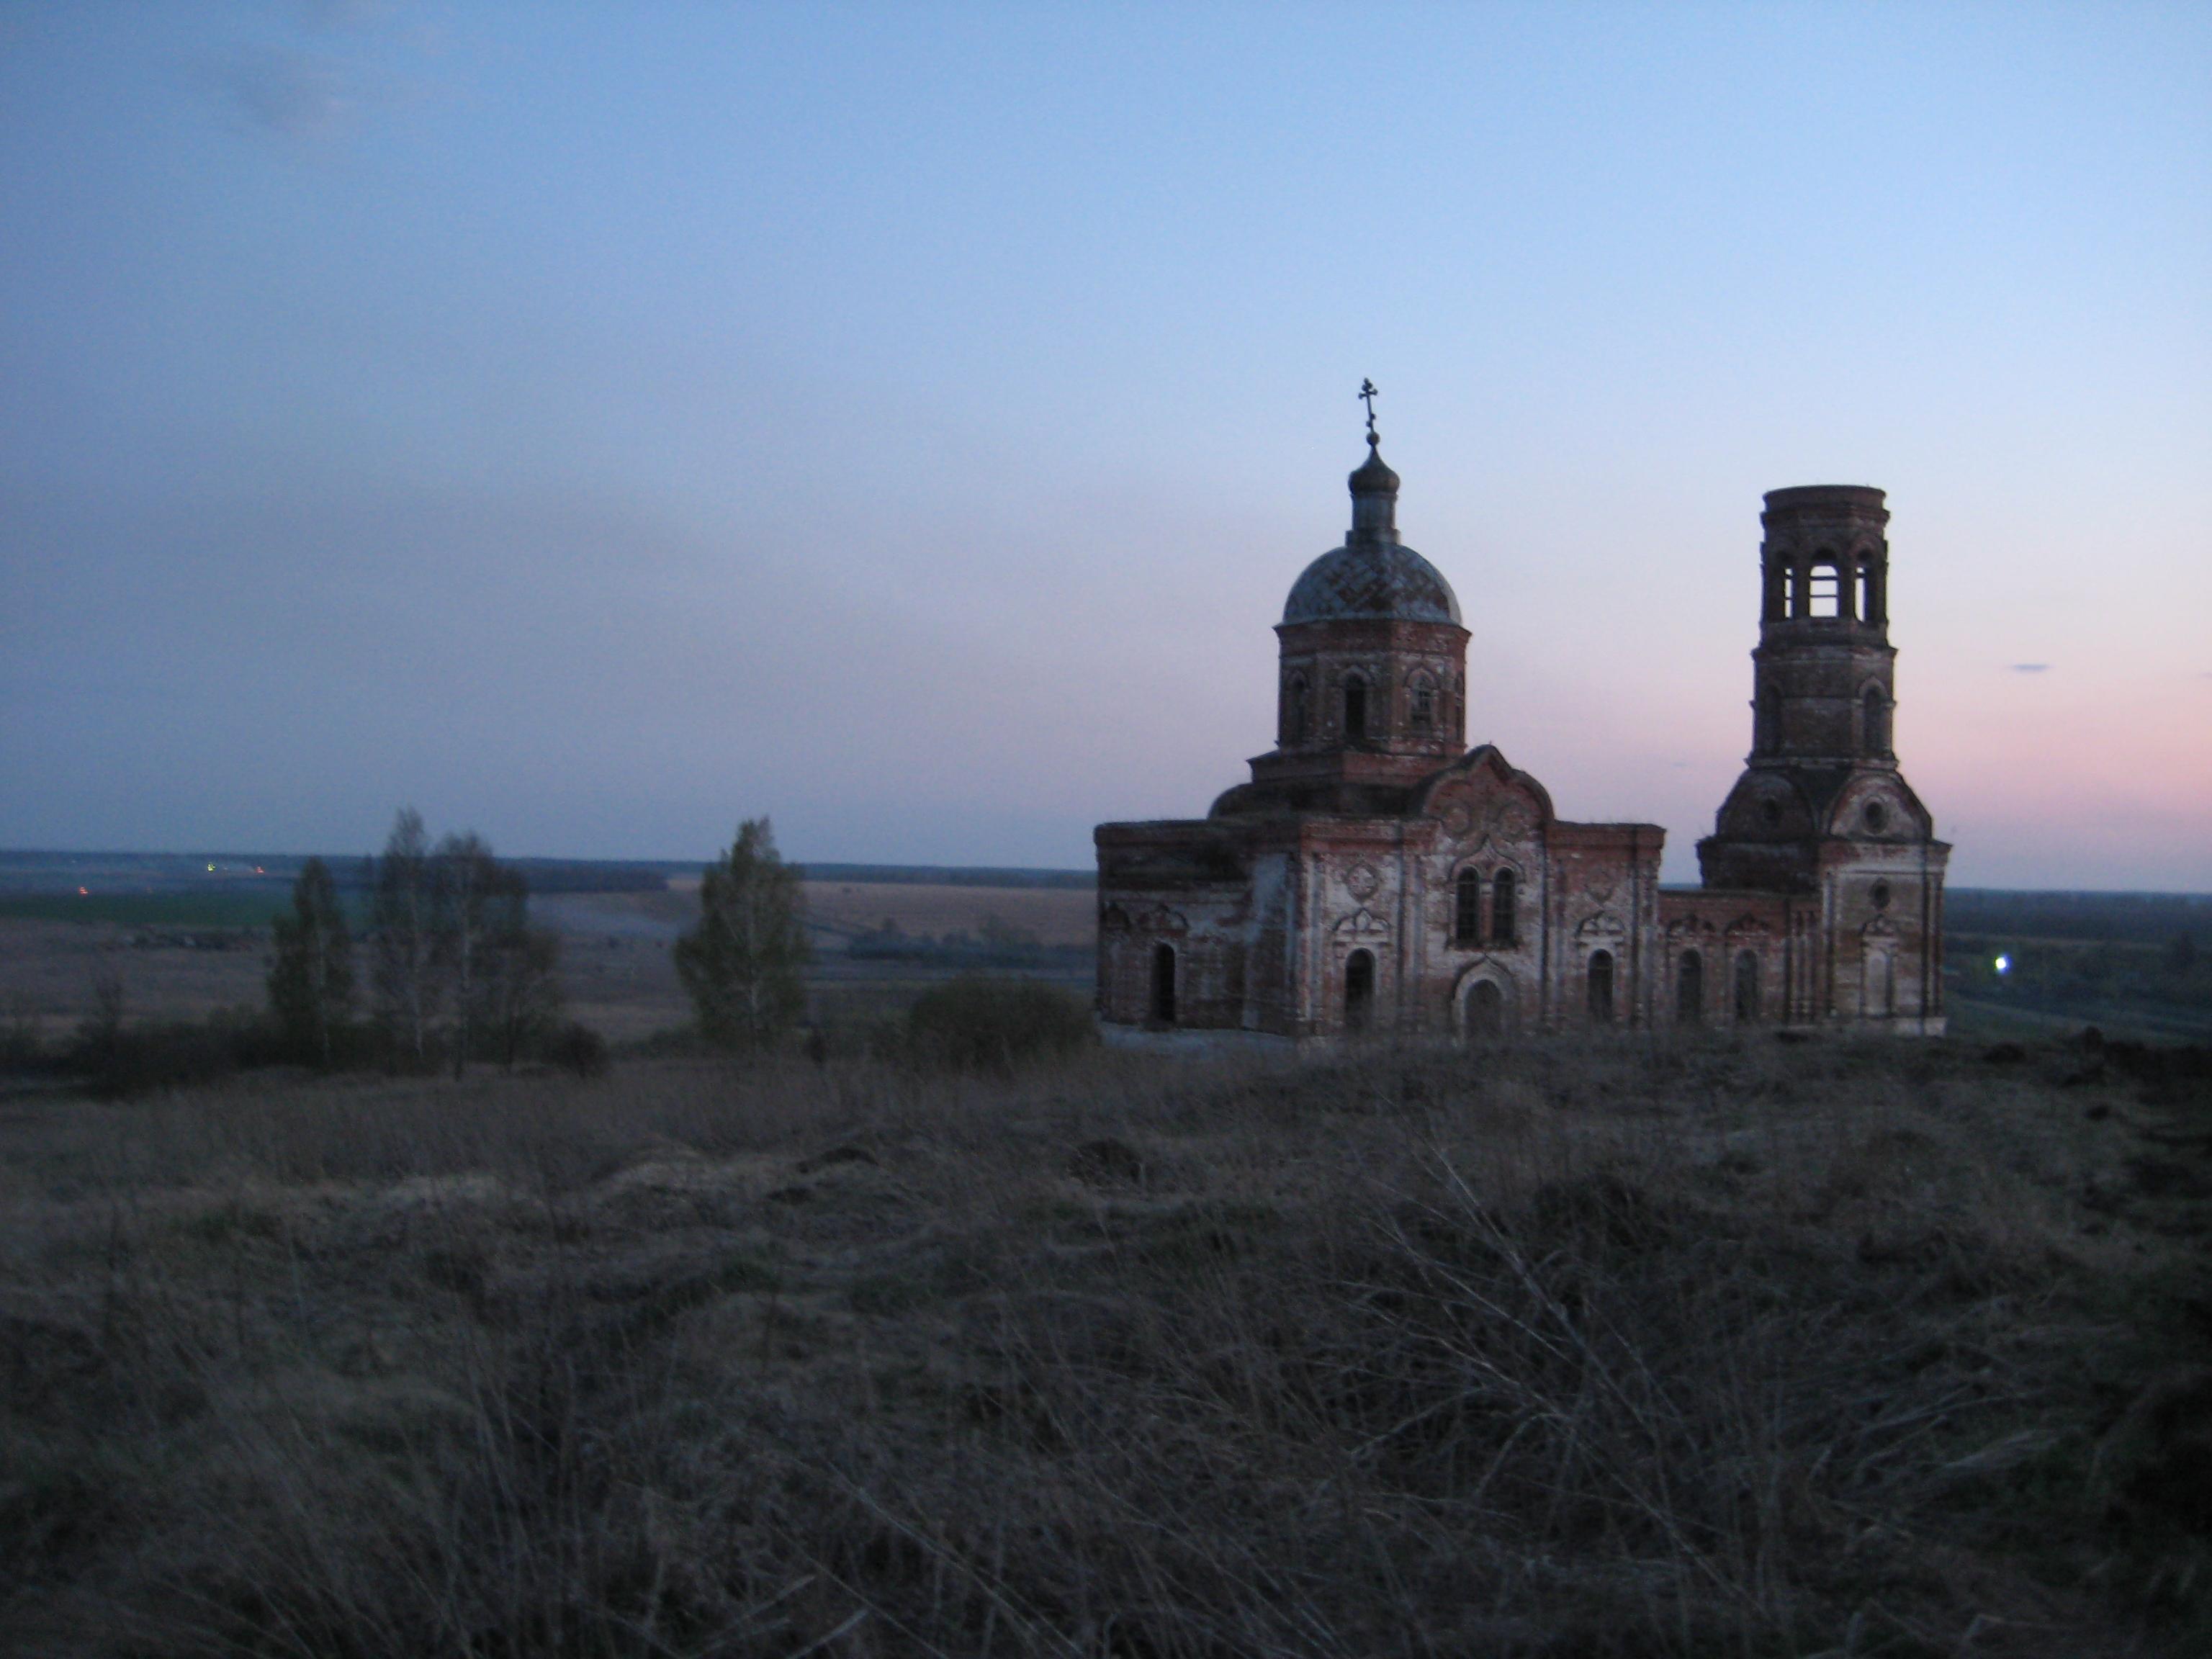 Une église russe, Région de la Volga